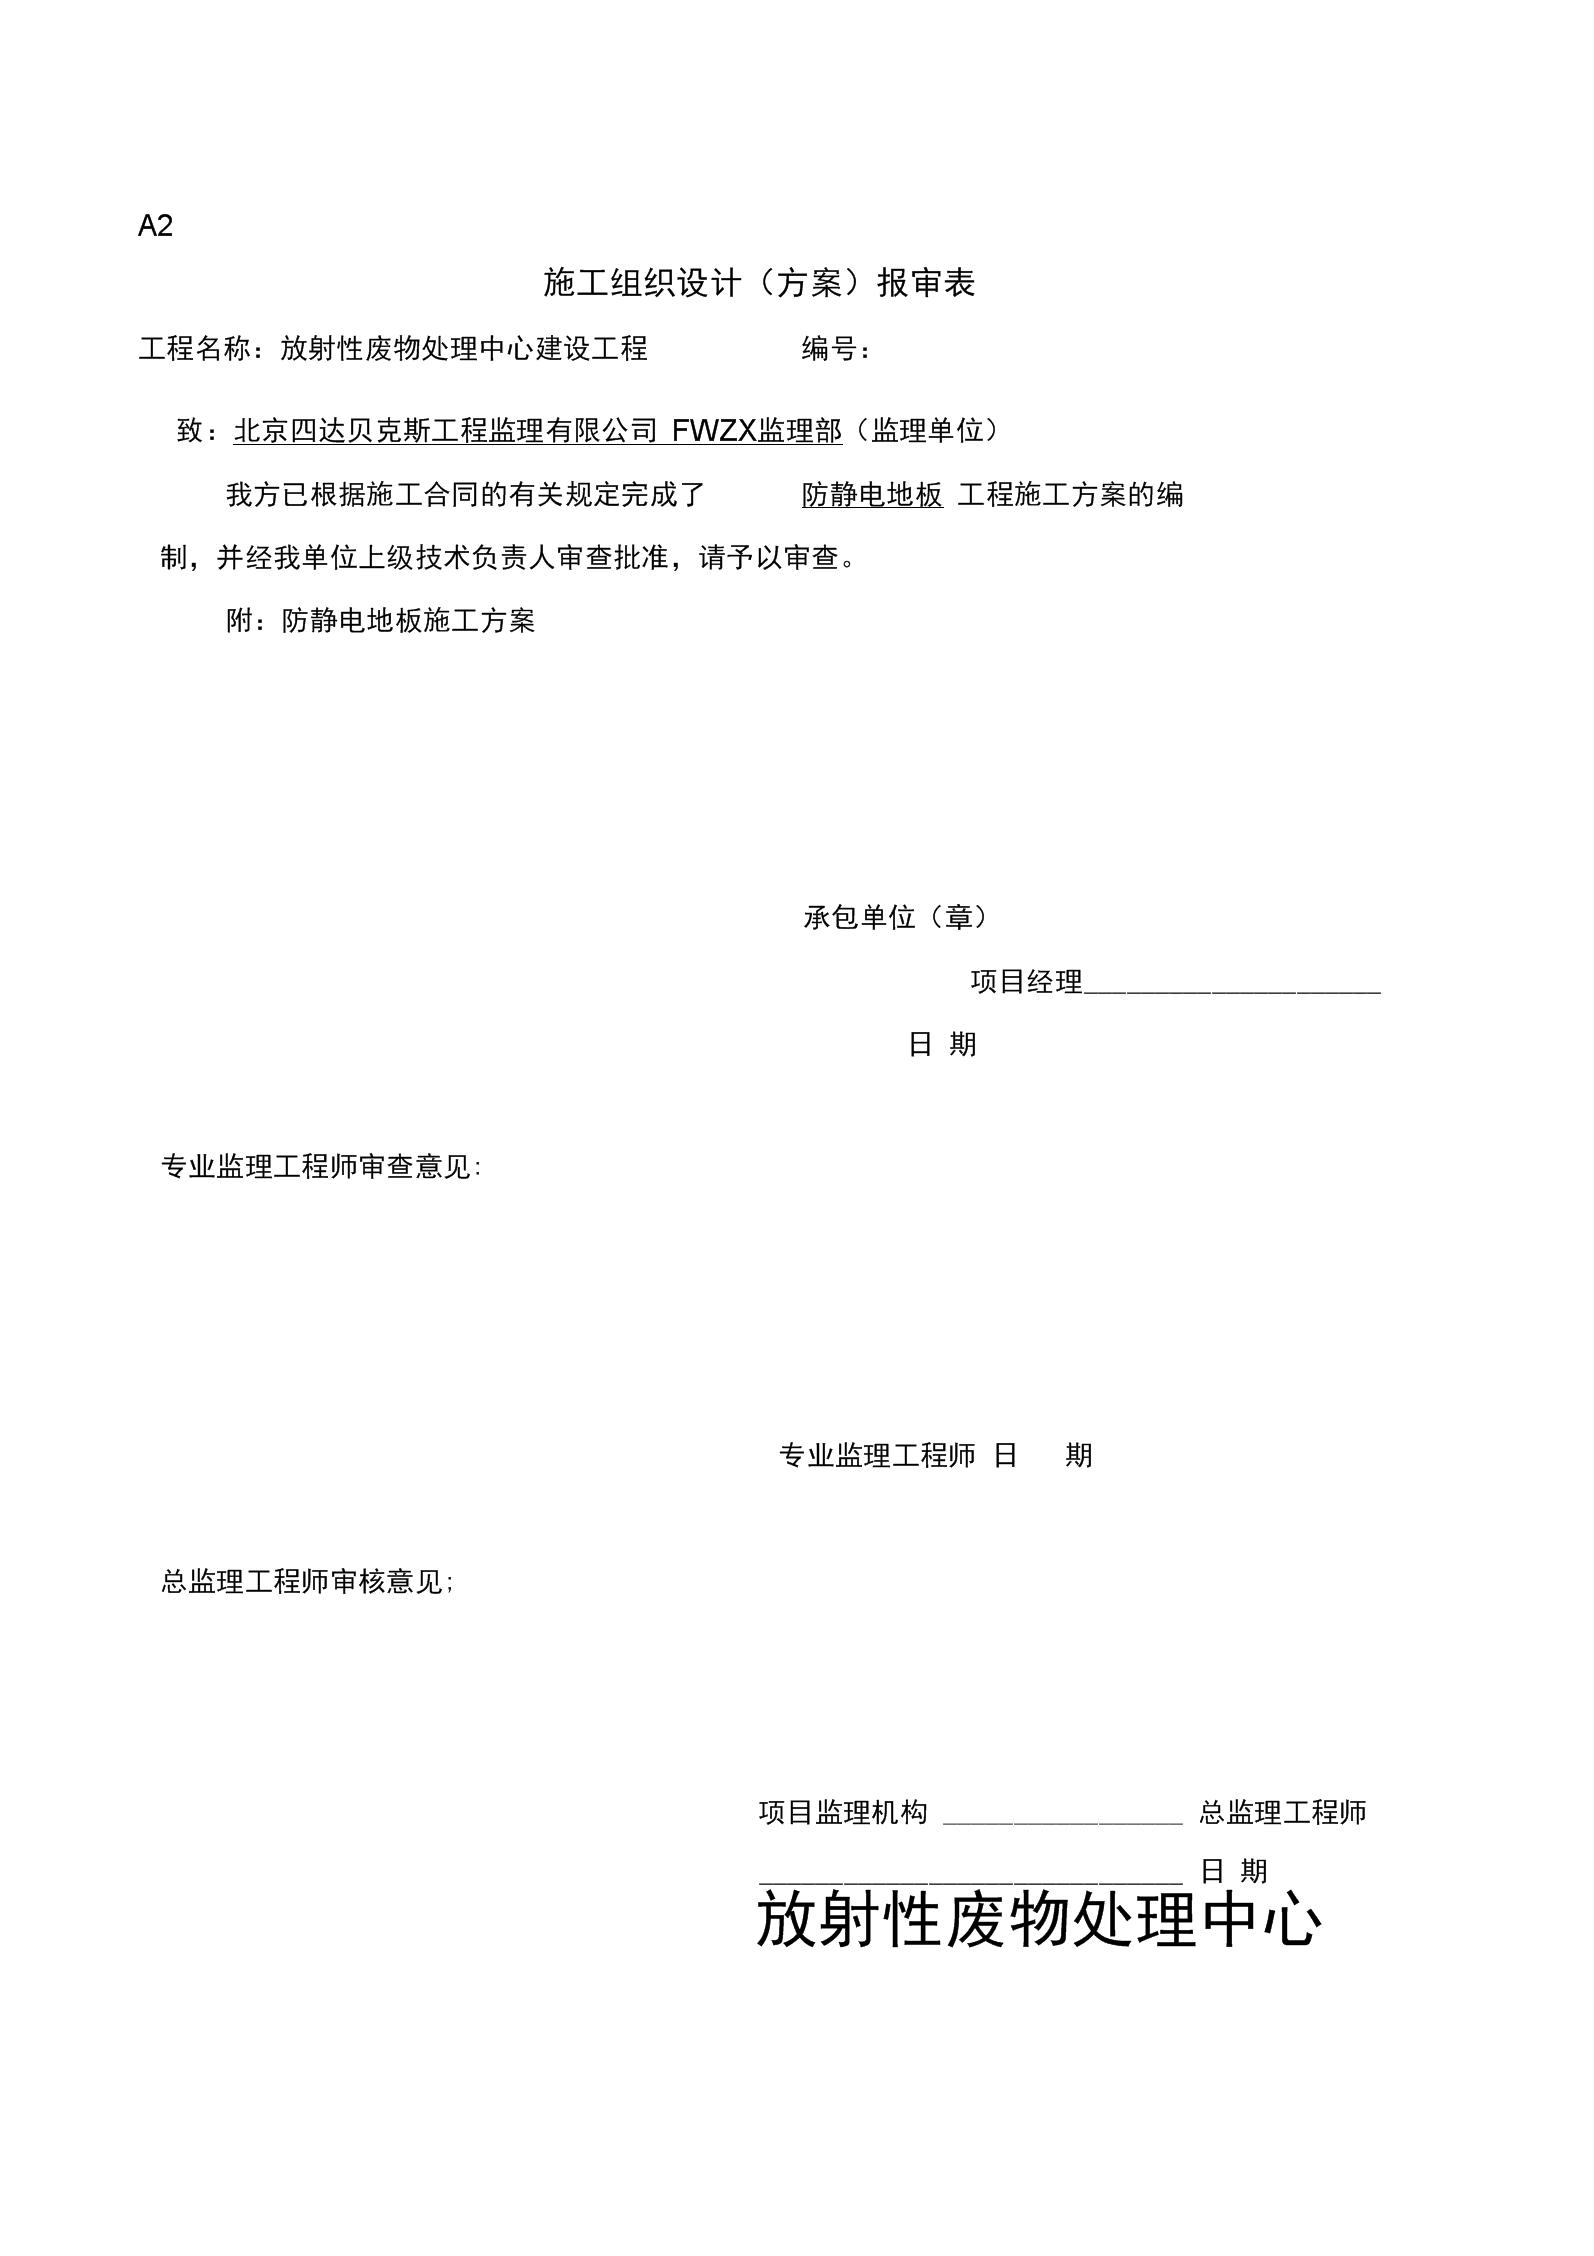 防静电地板工程施工组织设计方案.docx